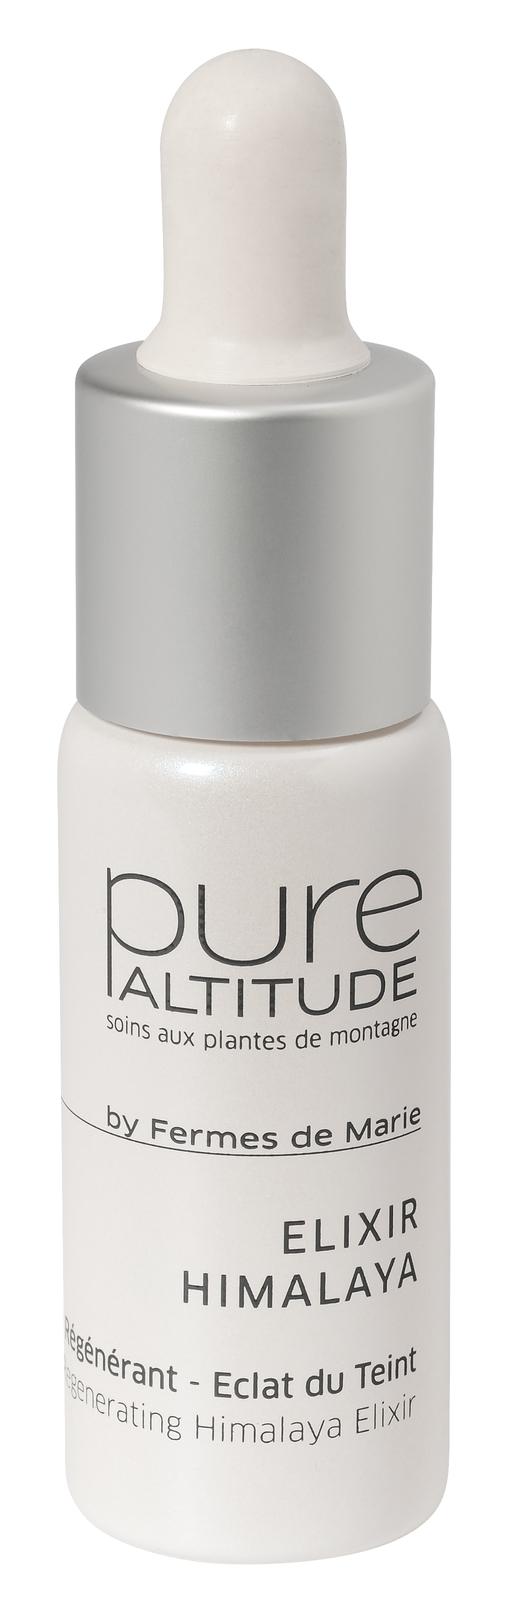 Pure Altitude - Elixir Himalaya